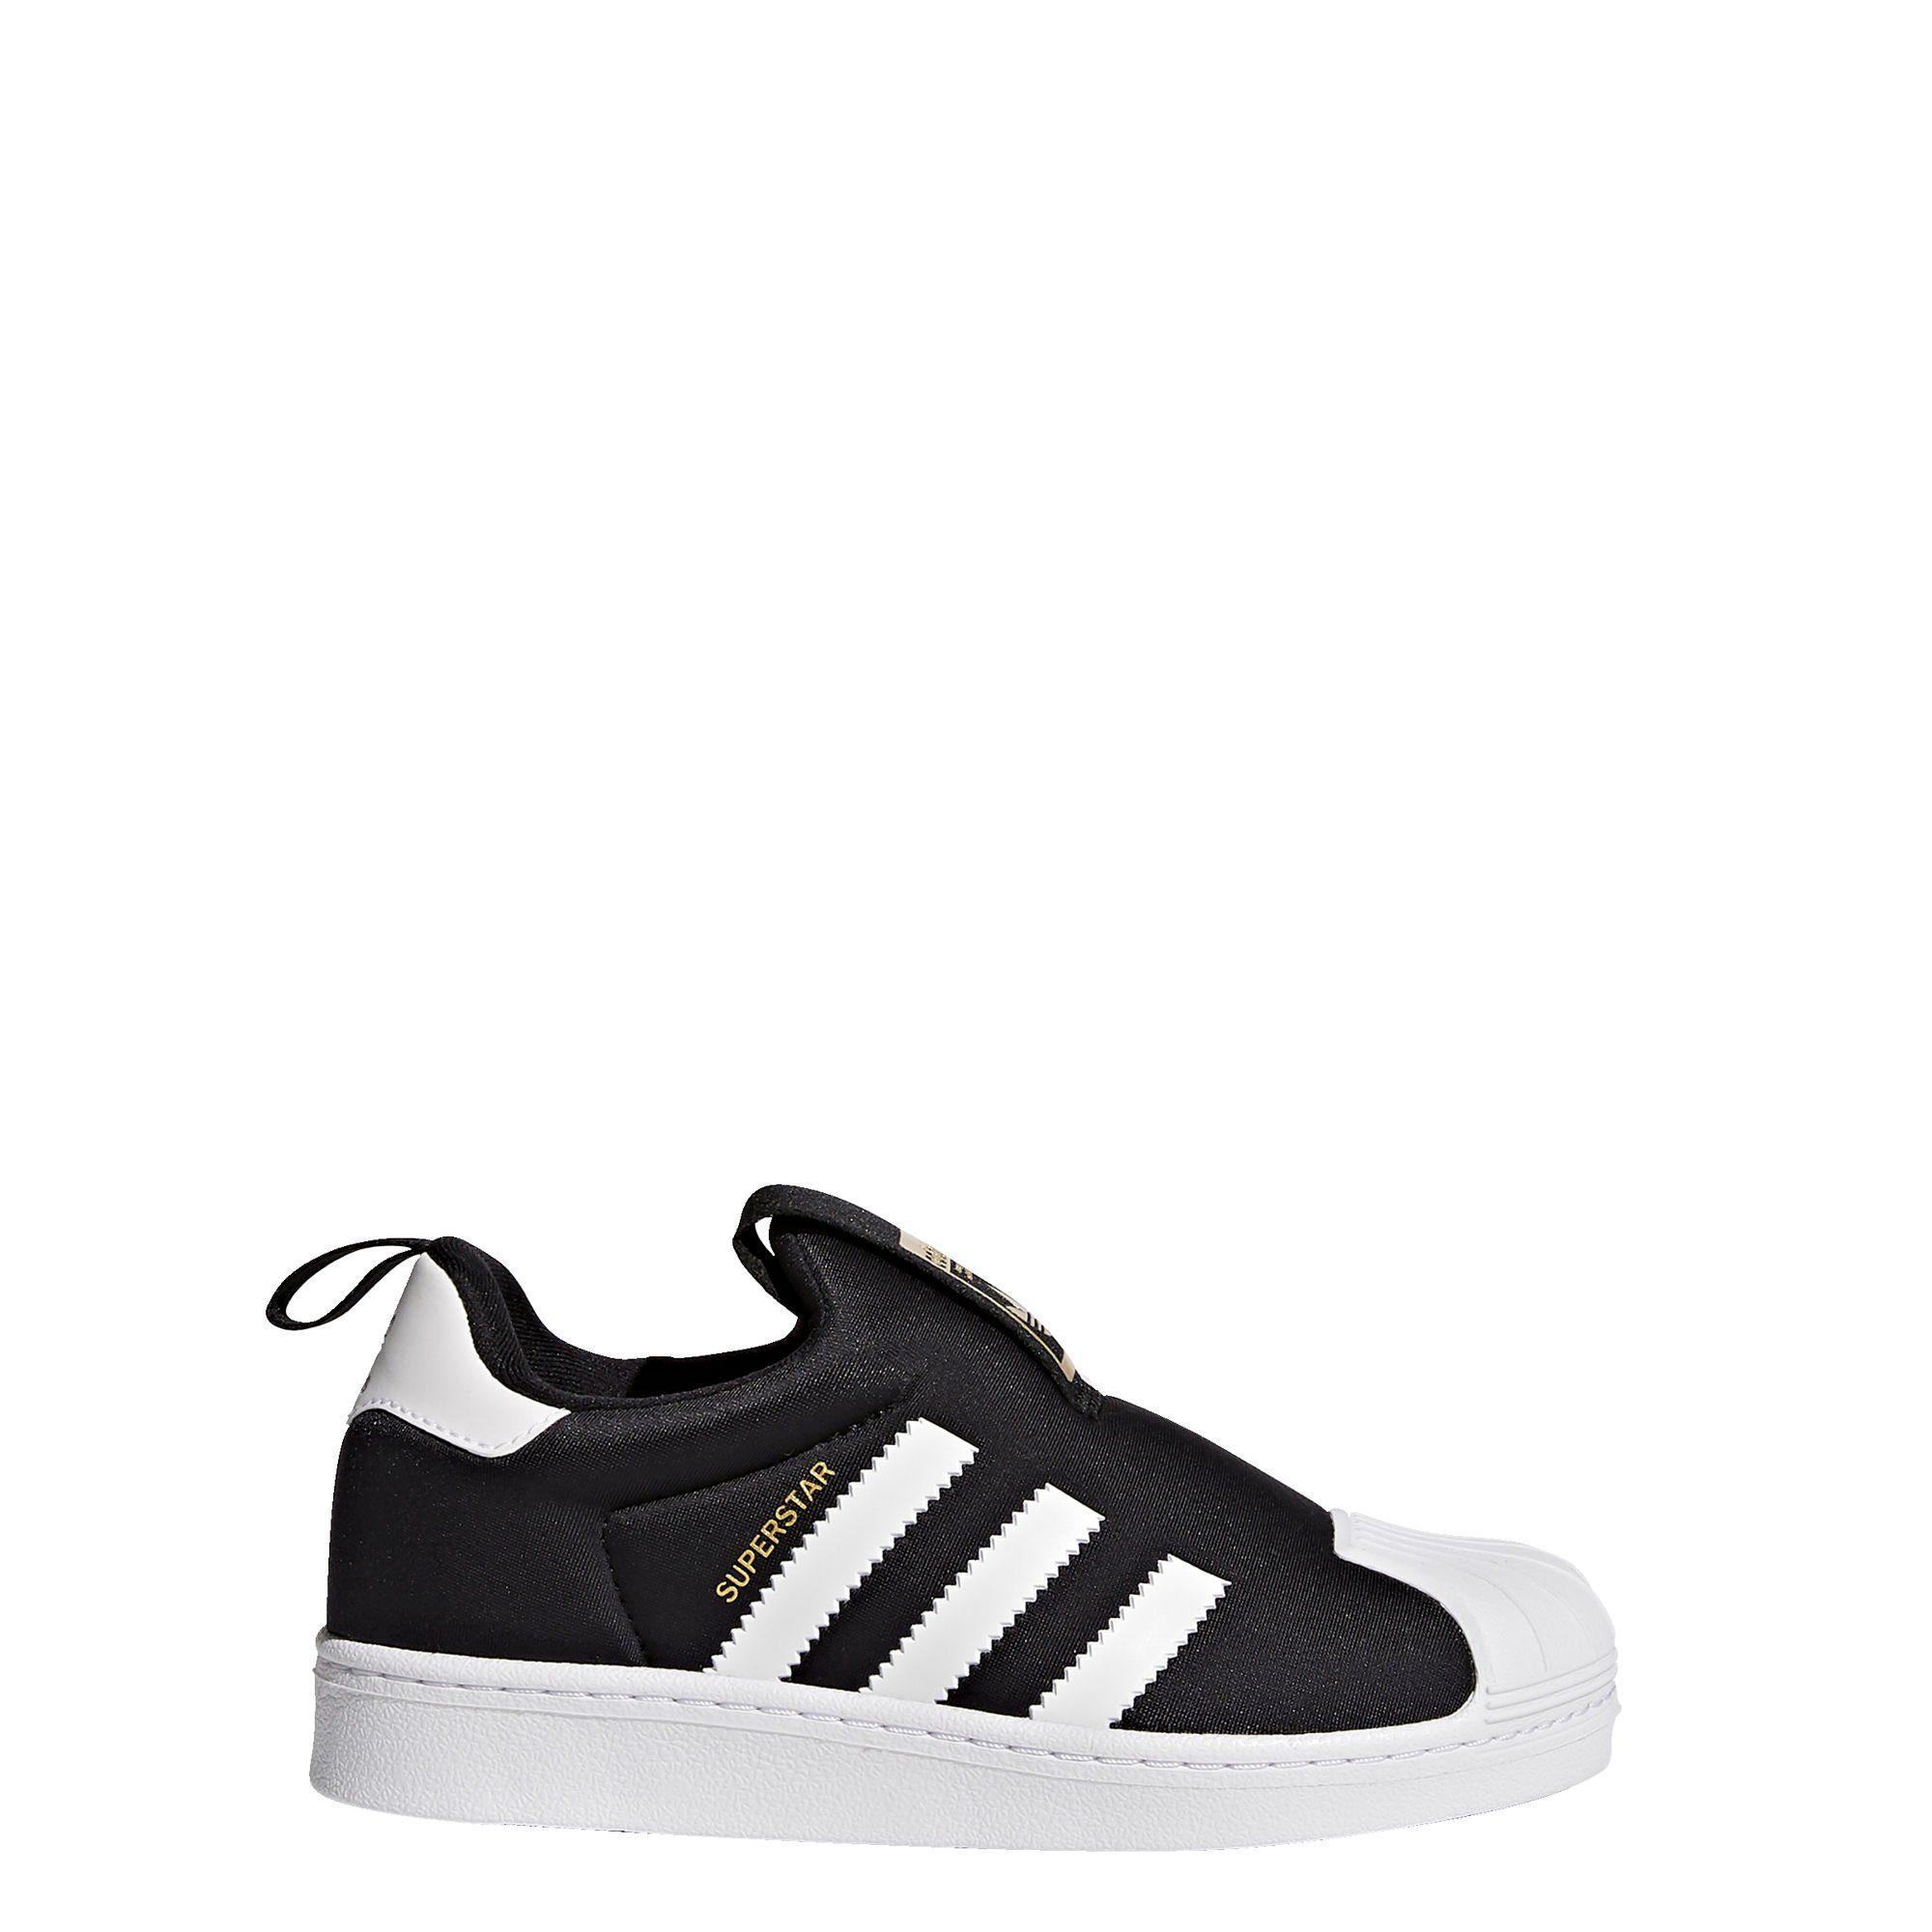 adidas Originals »Superstar 360 Schuh« Sneaker Sneaker online kaufen   OTTO